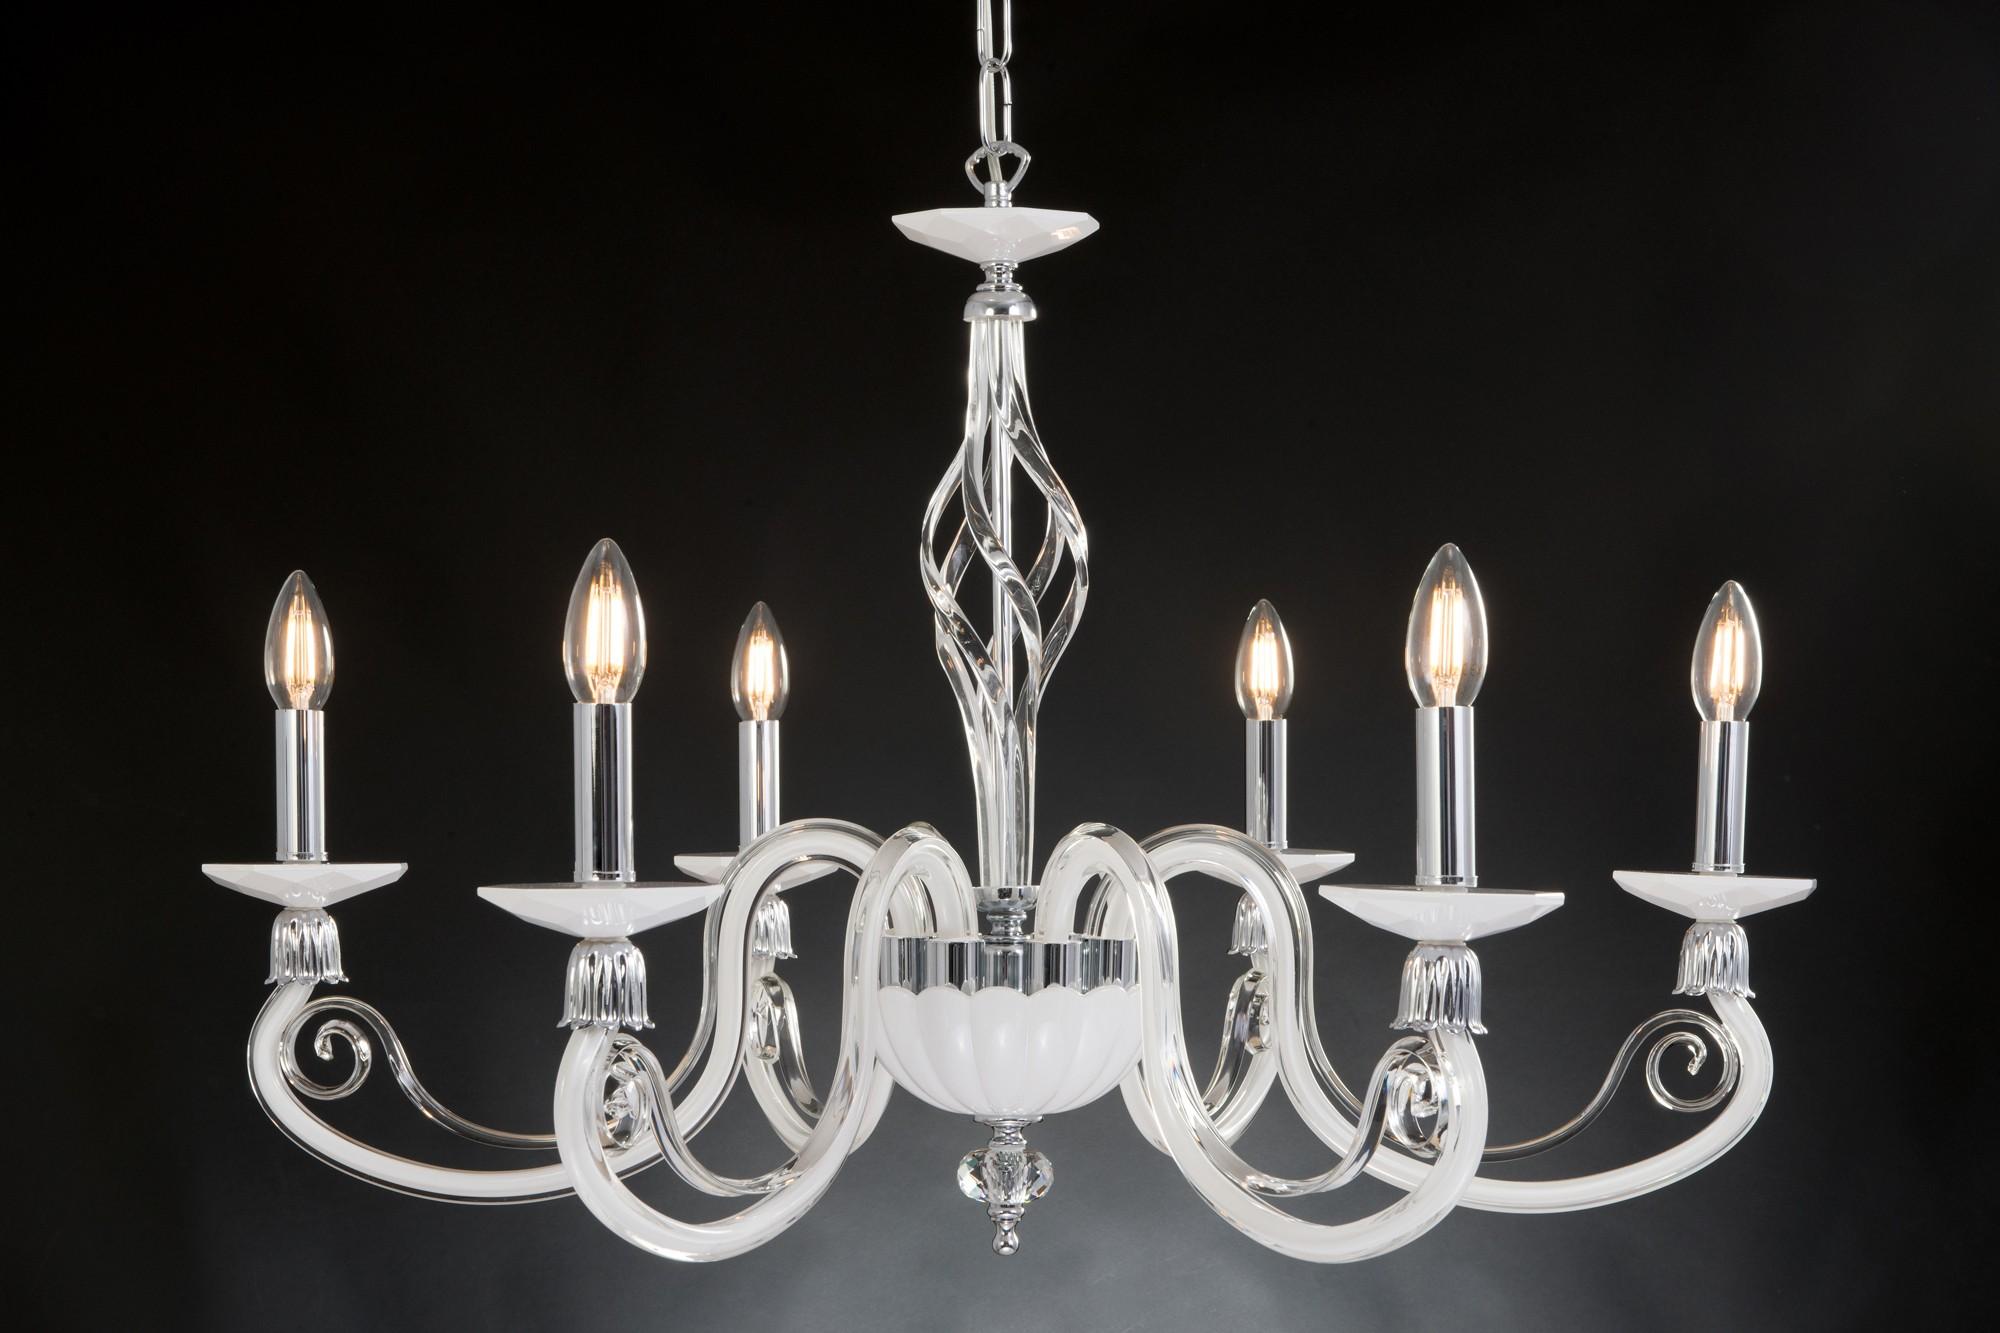 Lampadario Bianco E Cristallo : Lampadario moderno in cristallo luci design swarovsky bianca